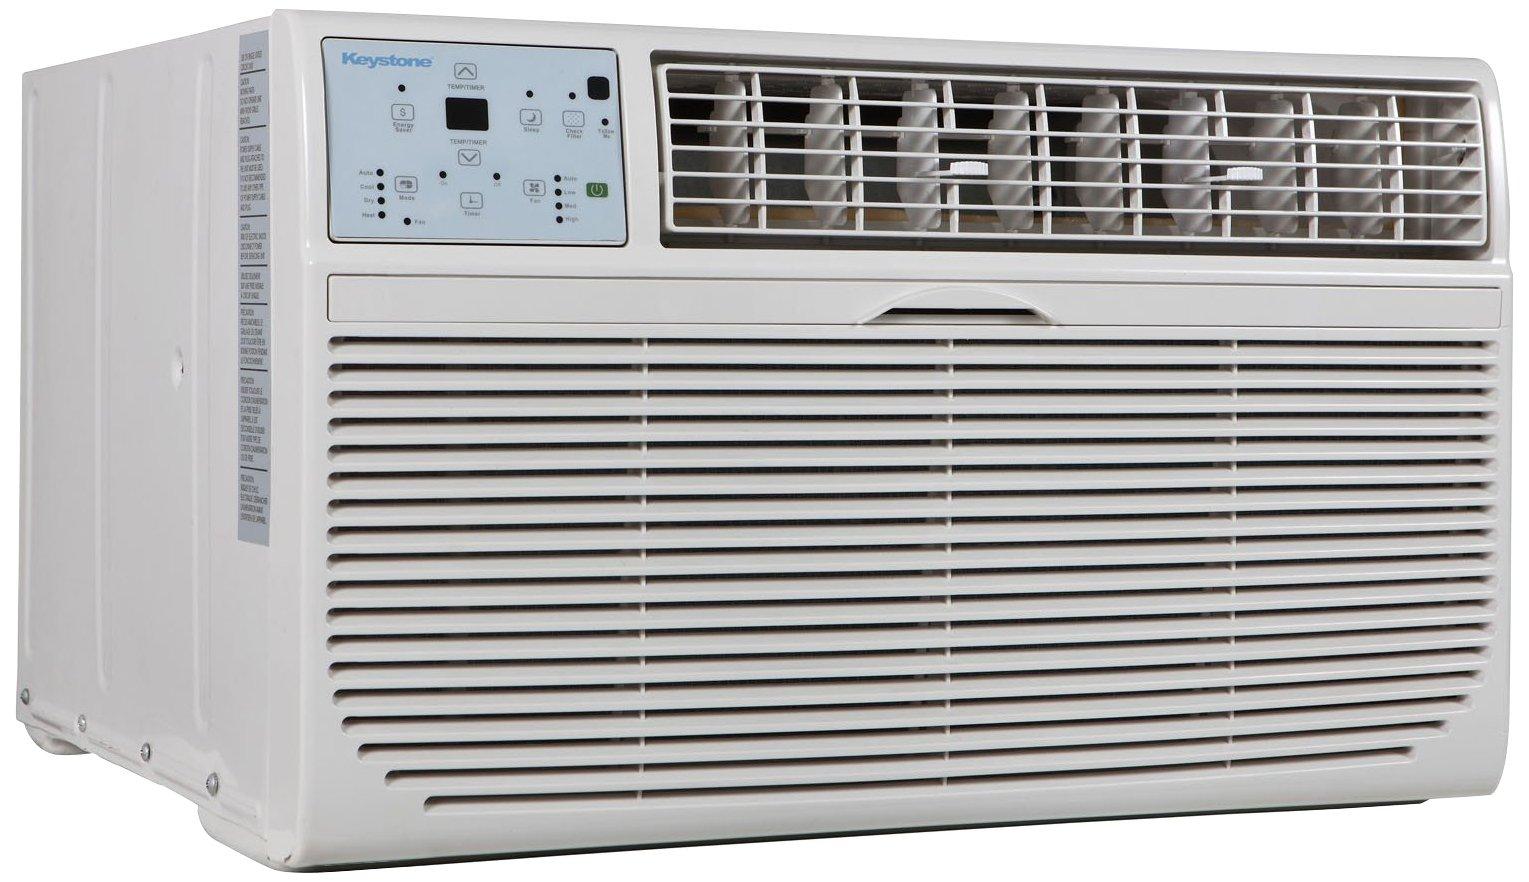 Keystone KSTAT10-2C 10000 BTU 230V Follow Me LCD Remote Control Through-The-Wall Air Conditioner by Keystone